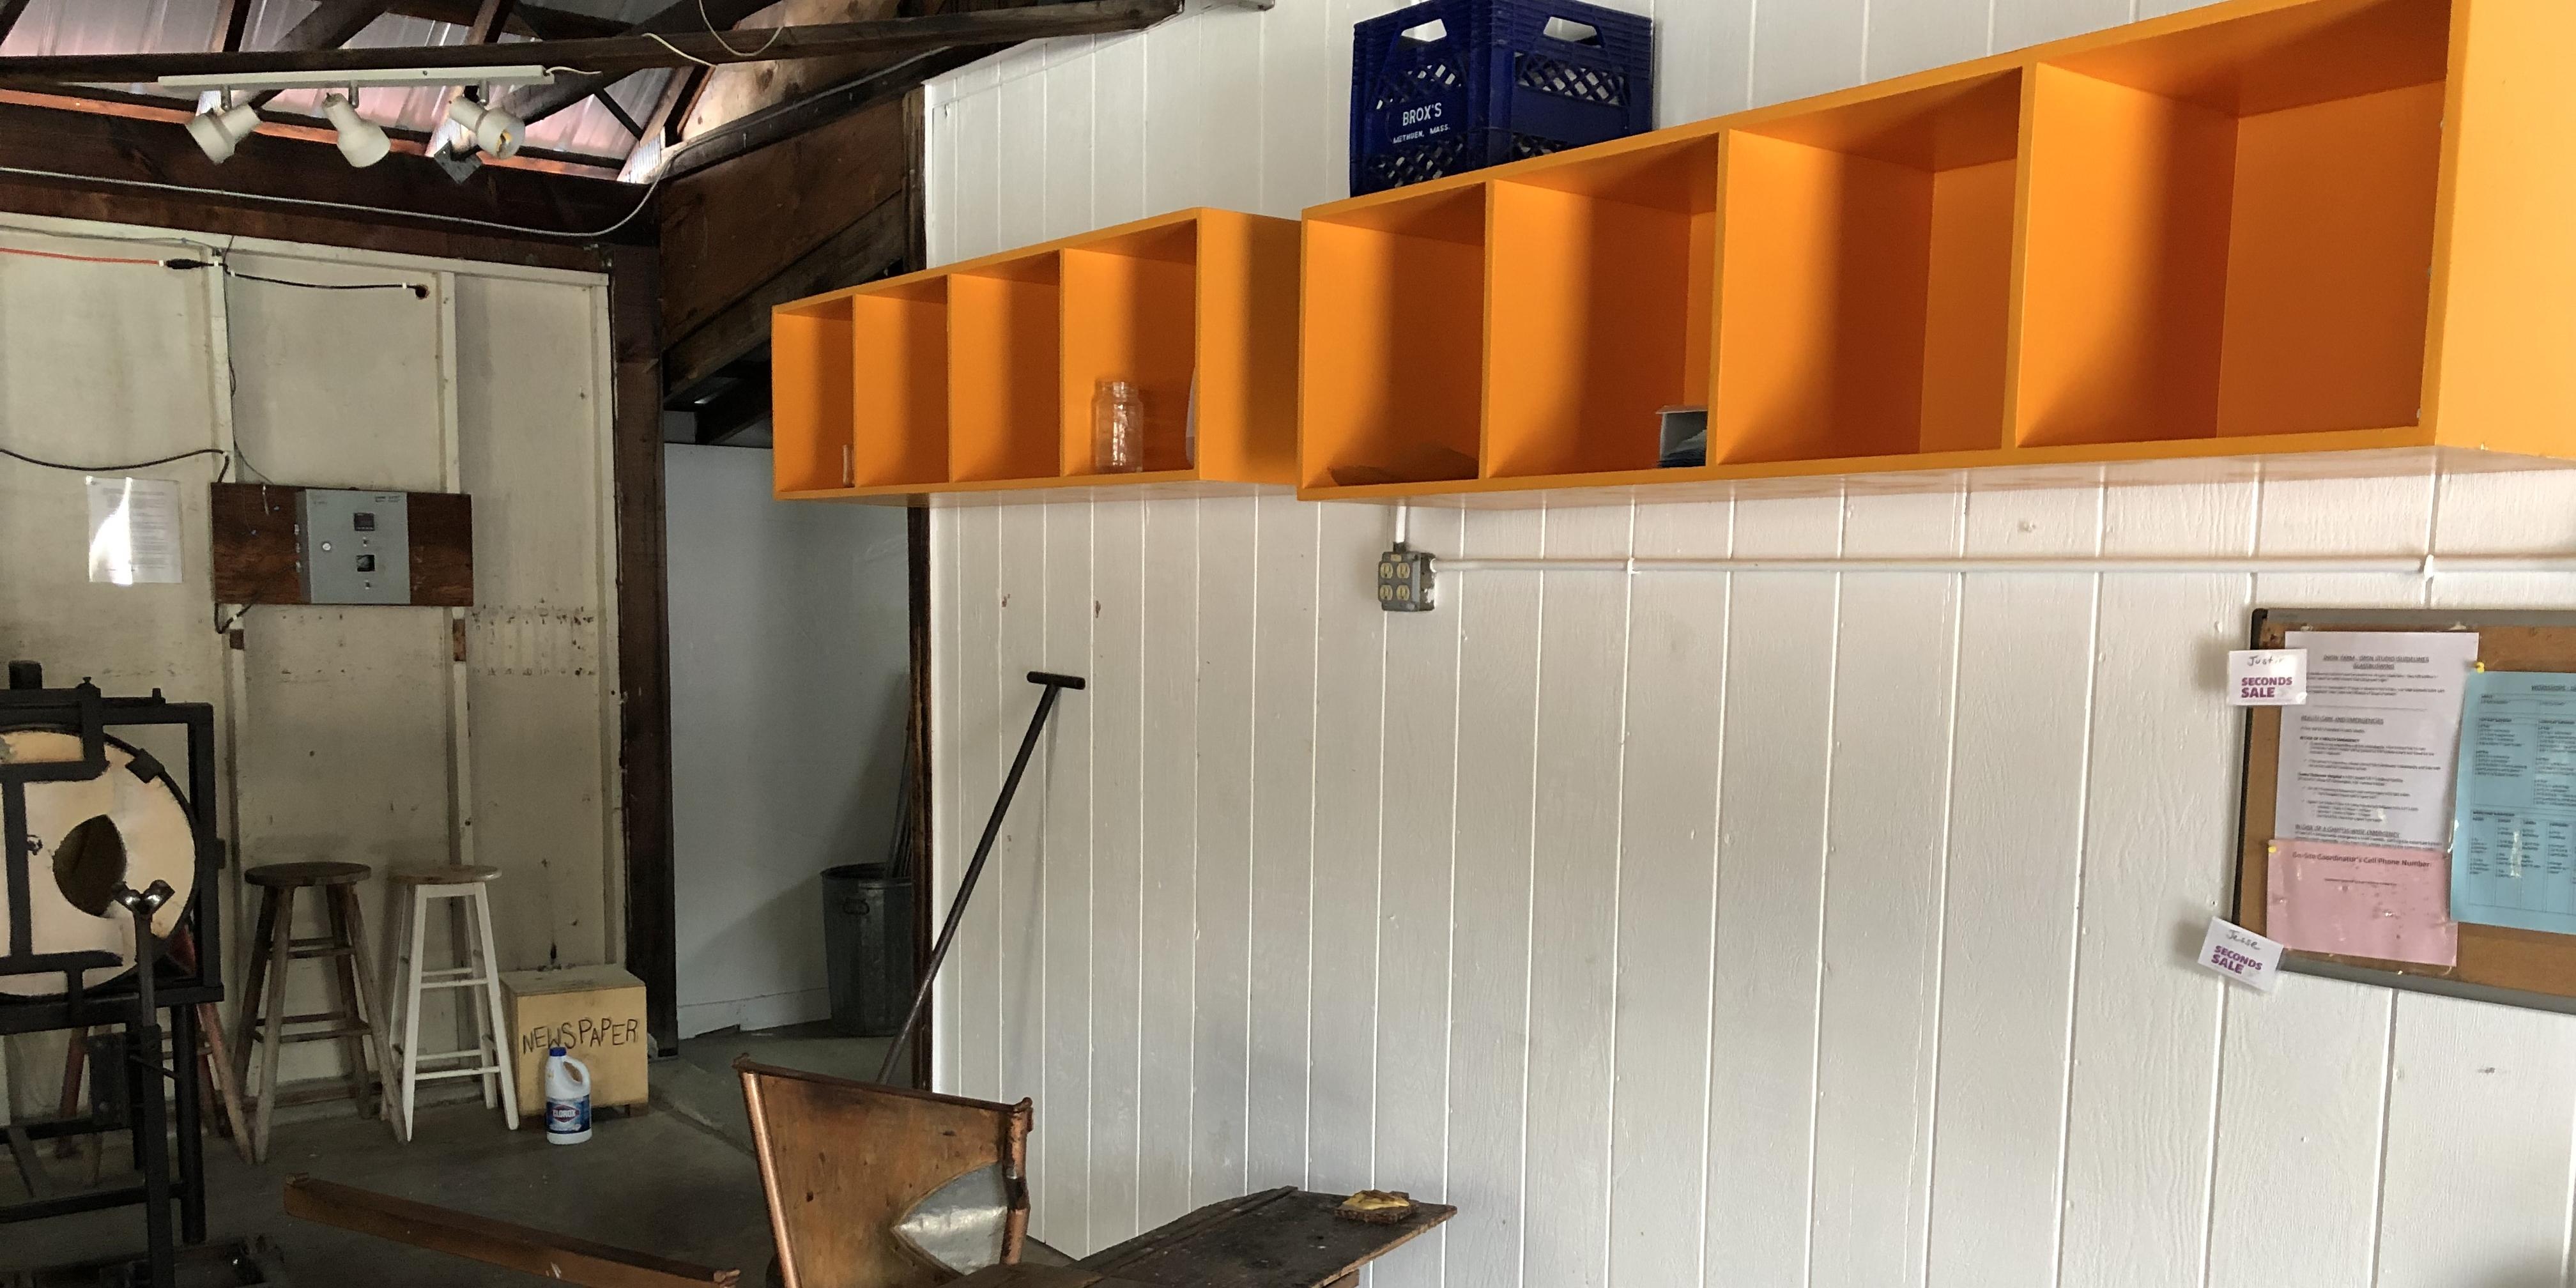 glassblowing studio storage